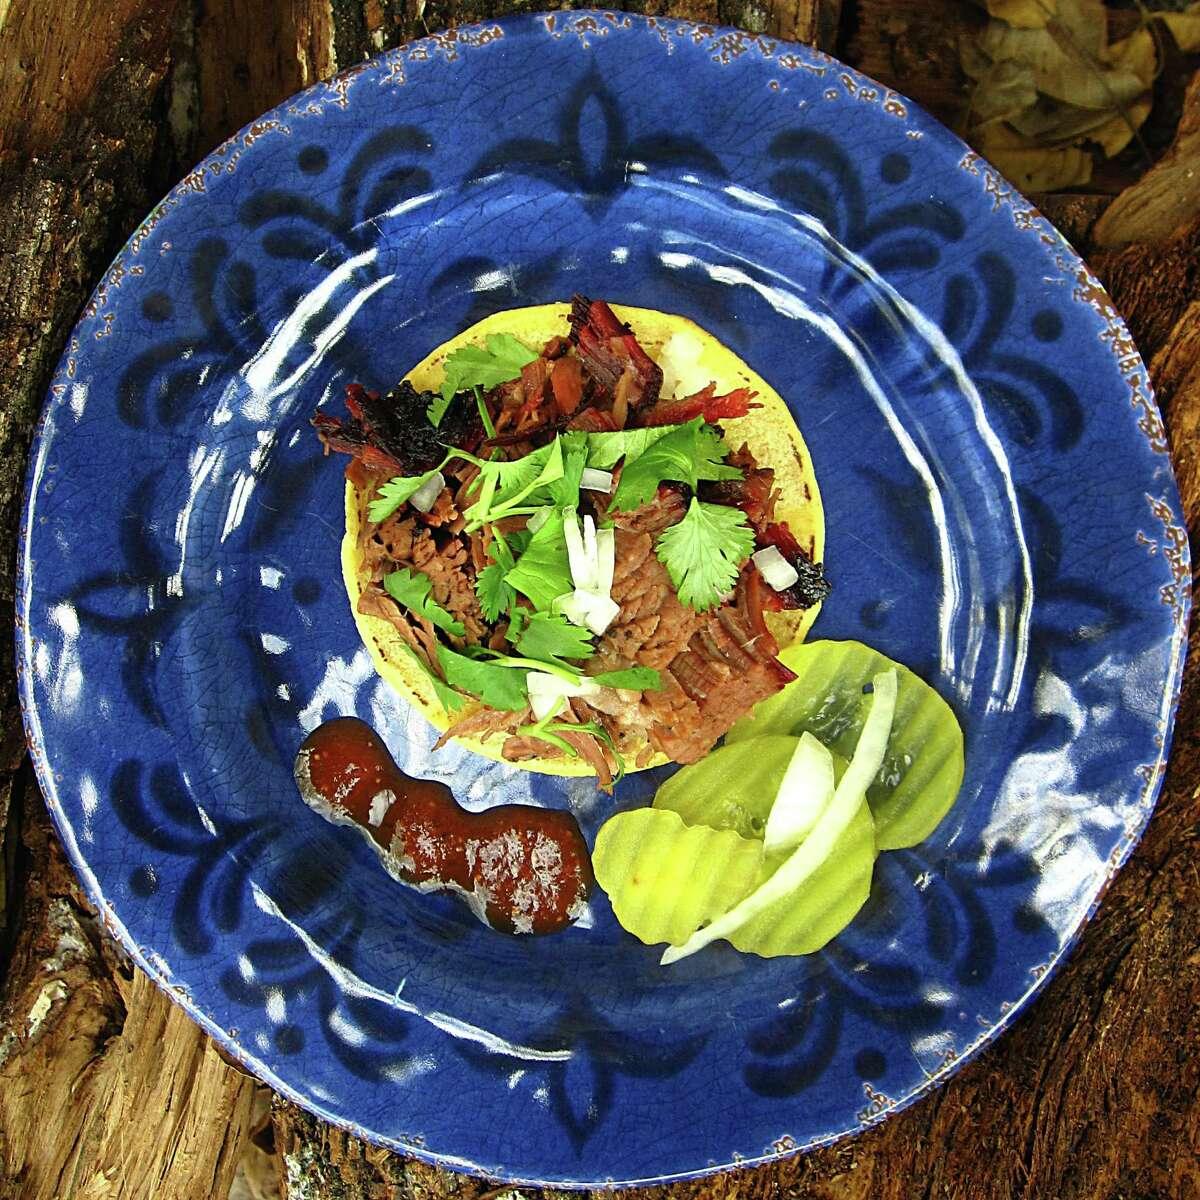 Brisket taco on a mini corn tortilla from King's Hwy Brew & Q.